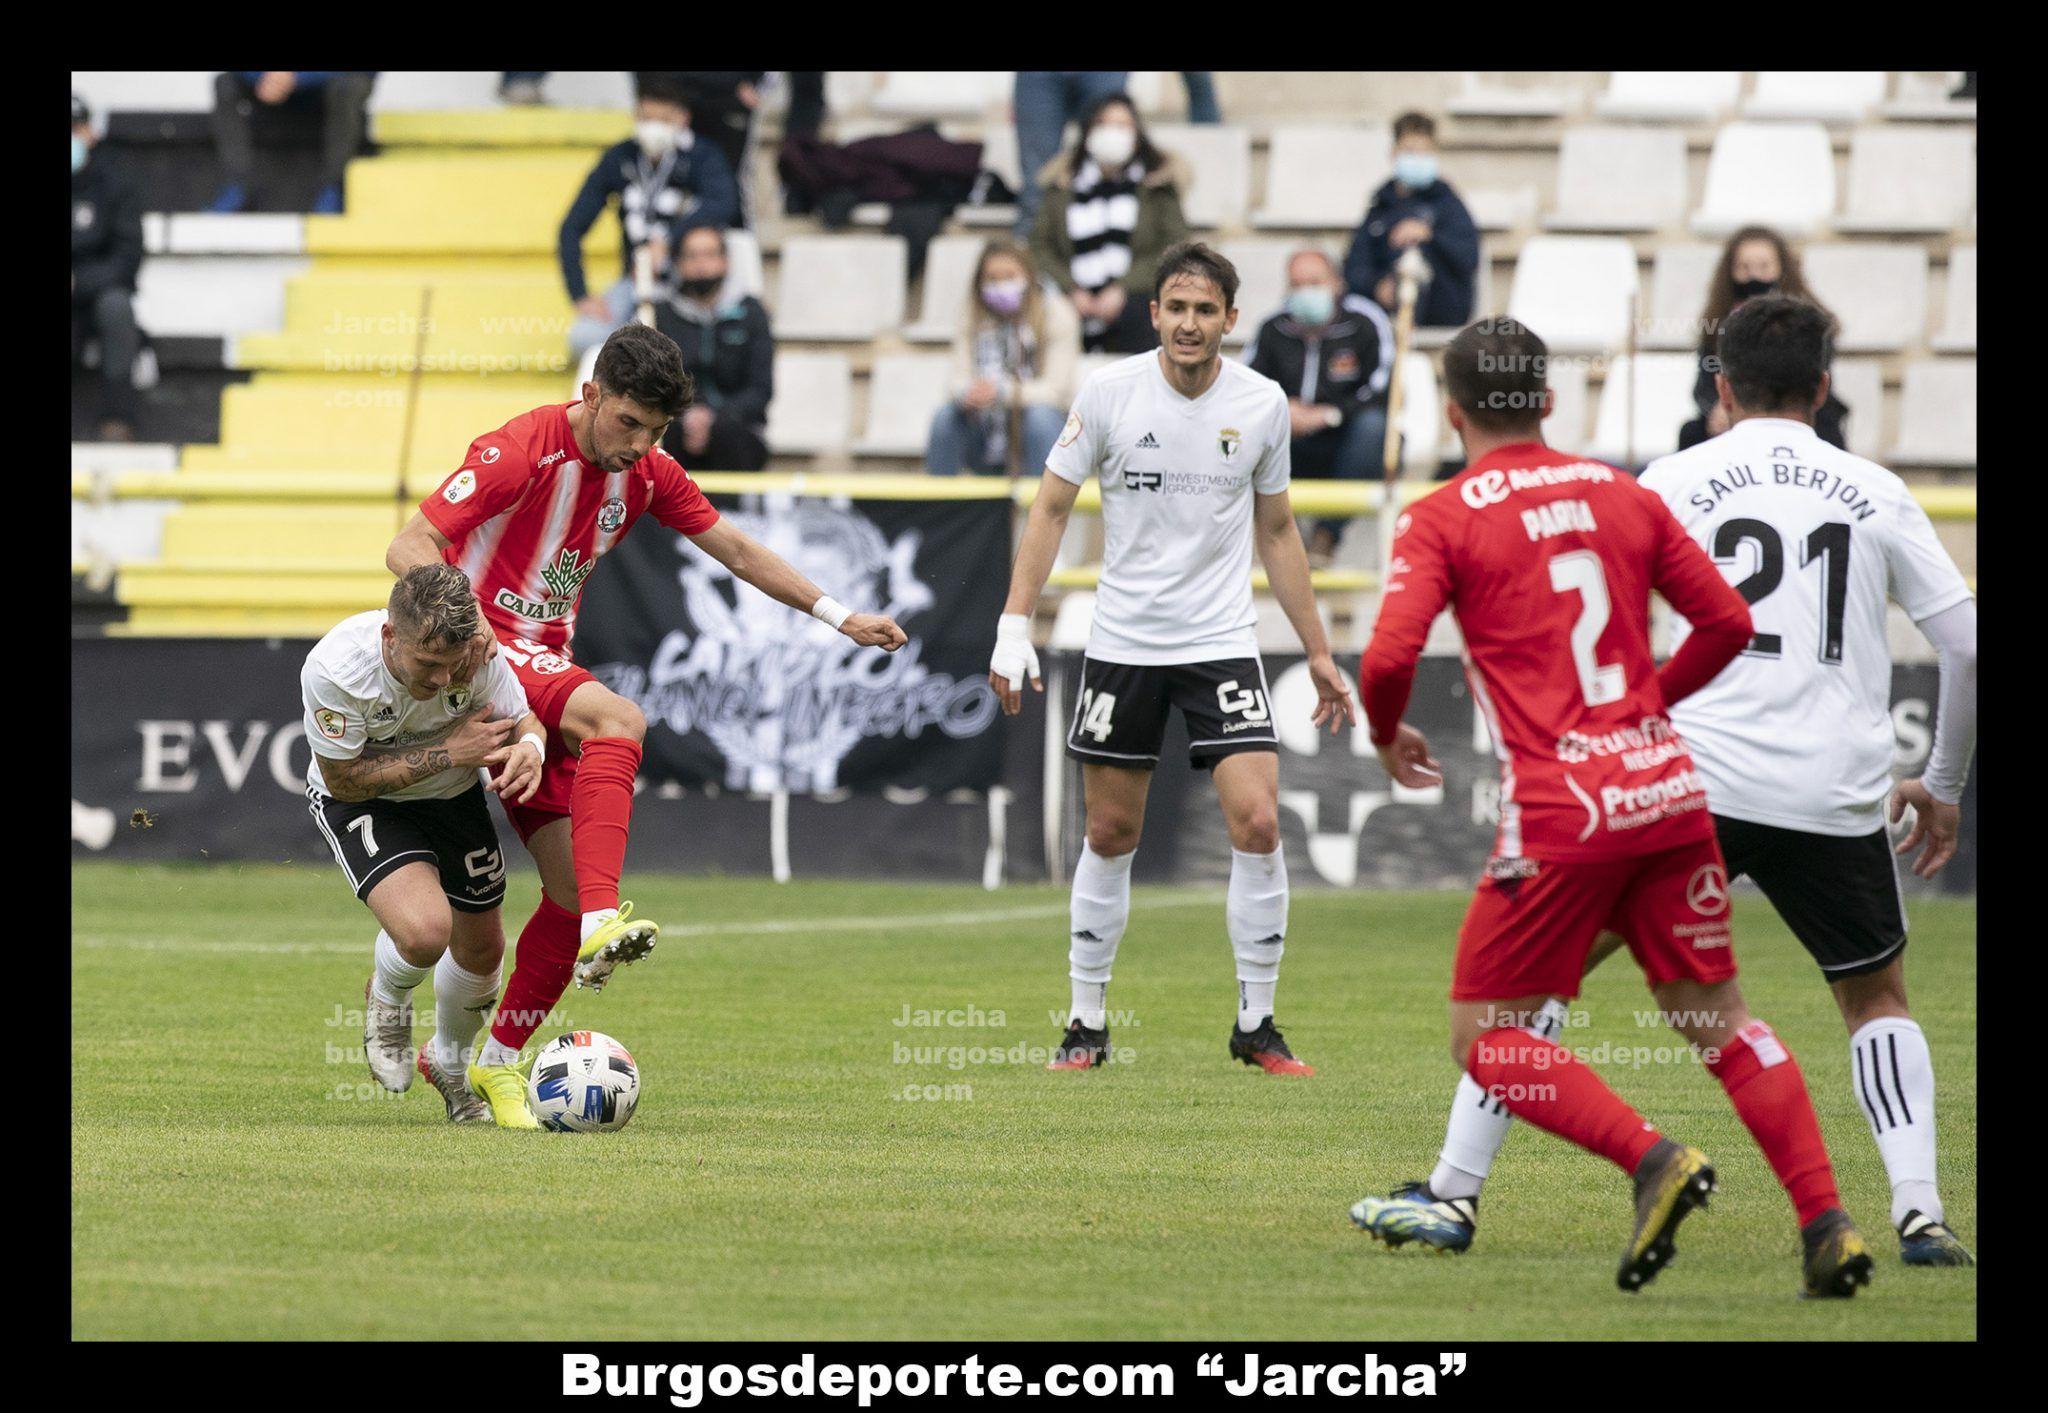 BURGOS CF 3 - ZAMORA CF 0